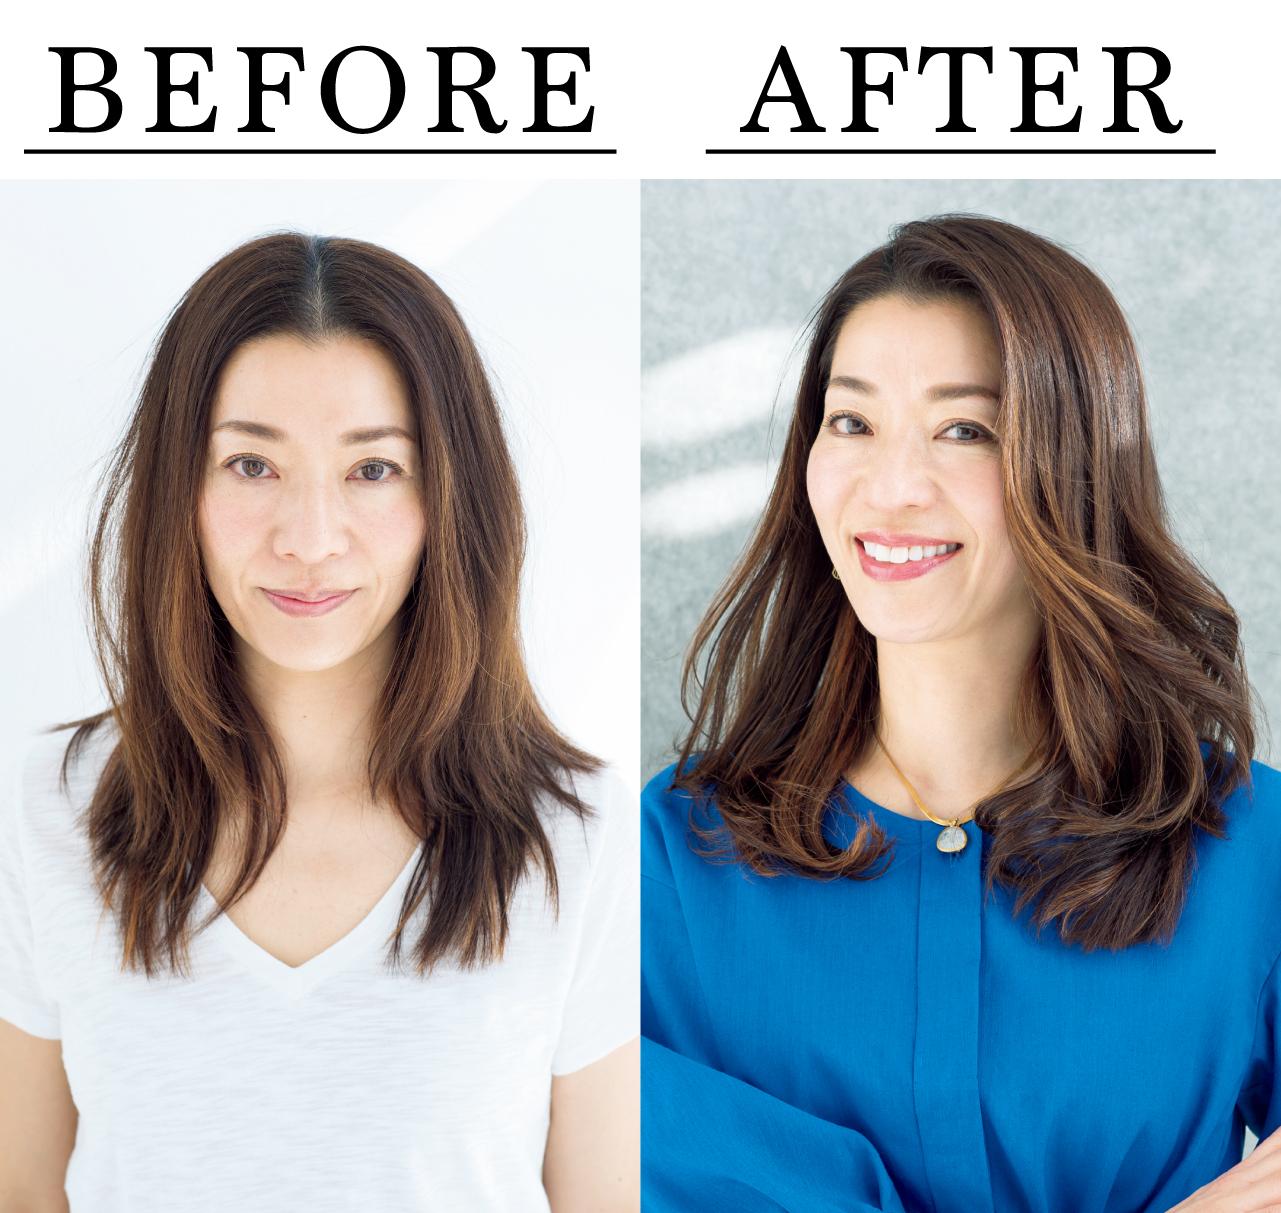 田口陽子さん Before After